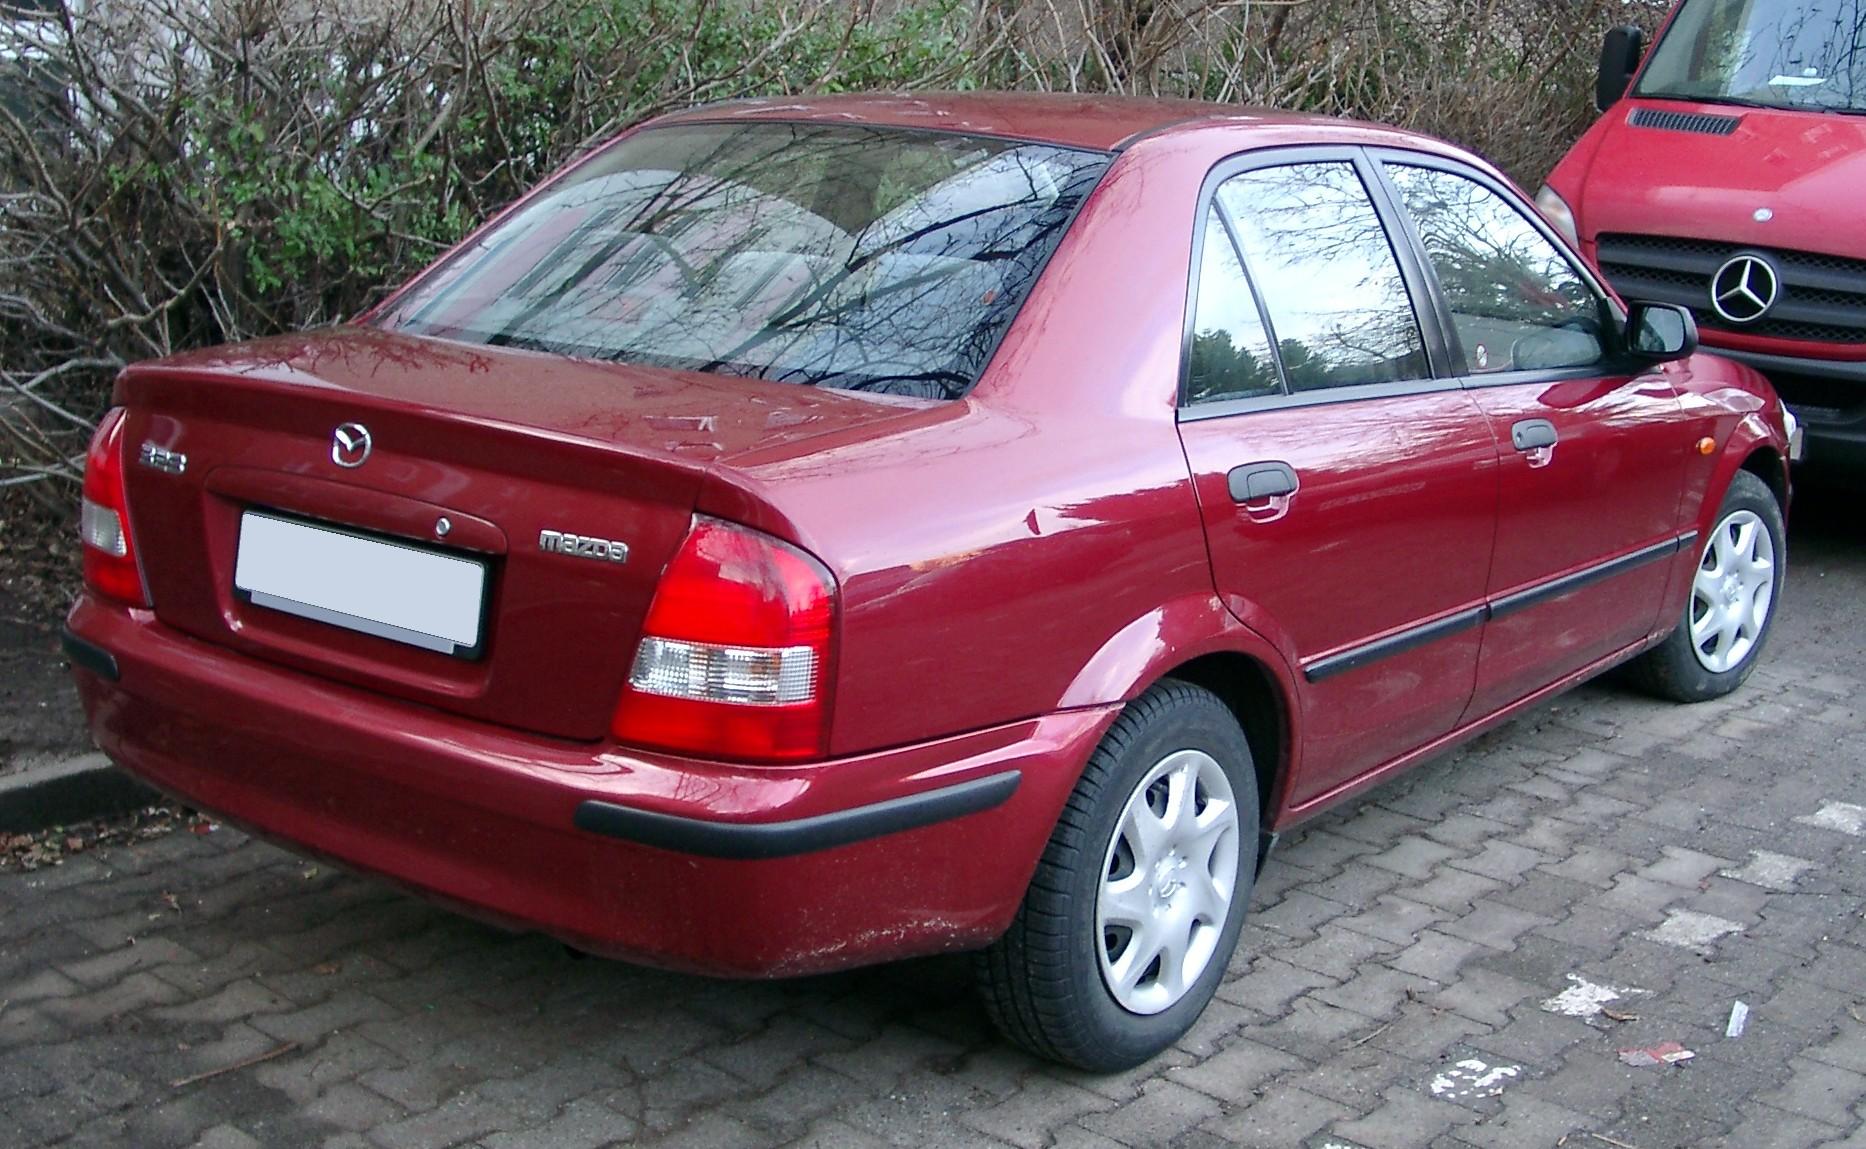 File:Mazda 323 rear 20080110.jpg